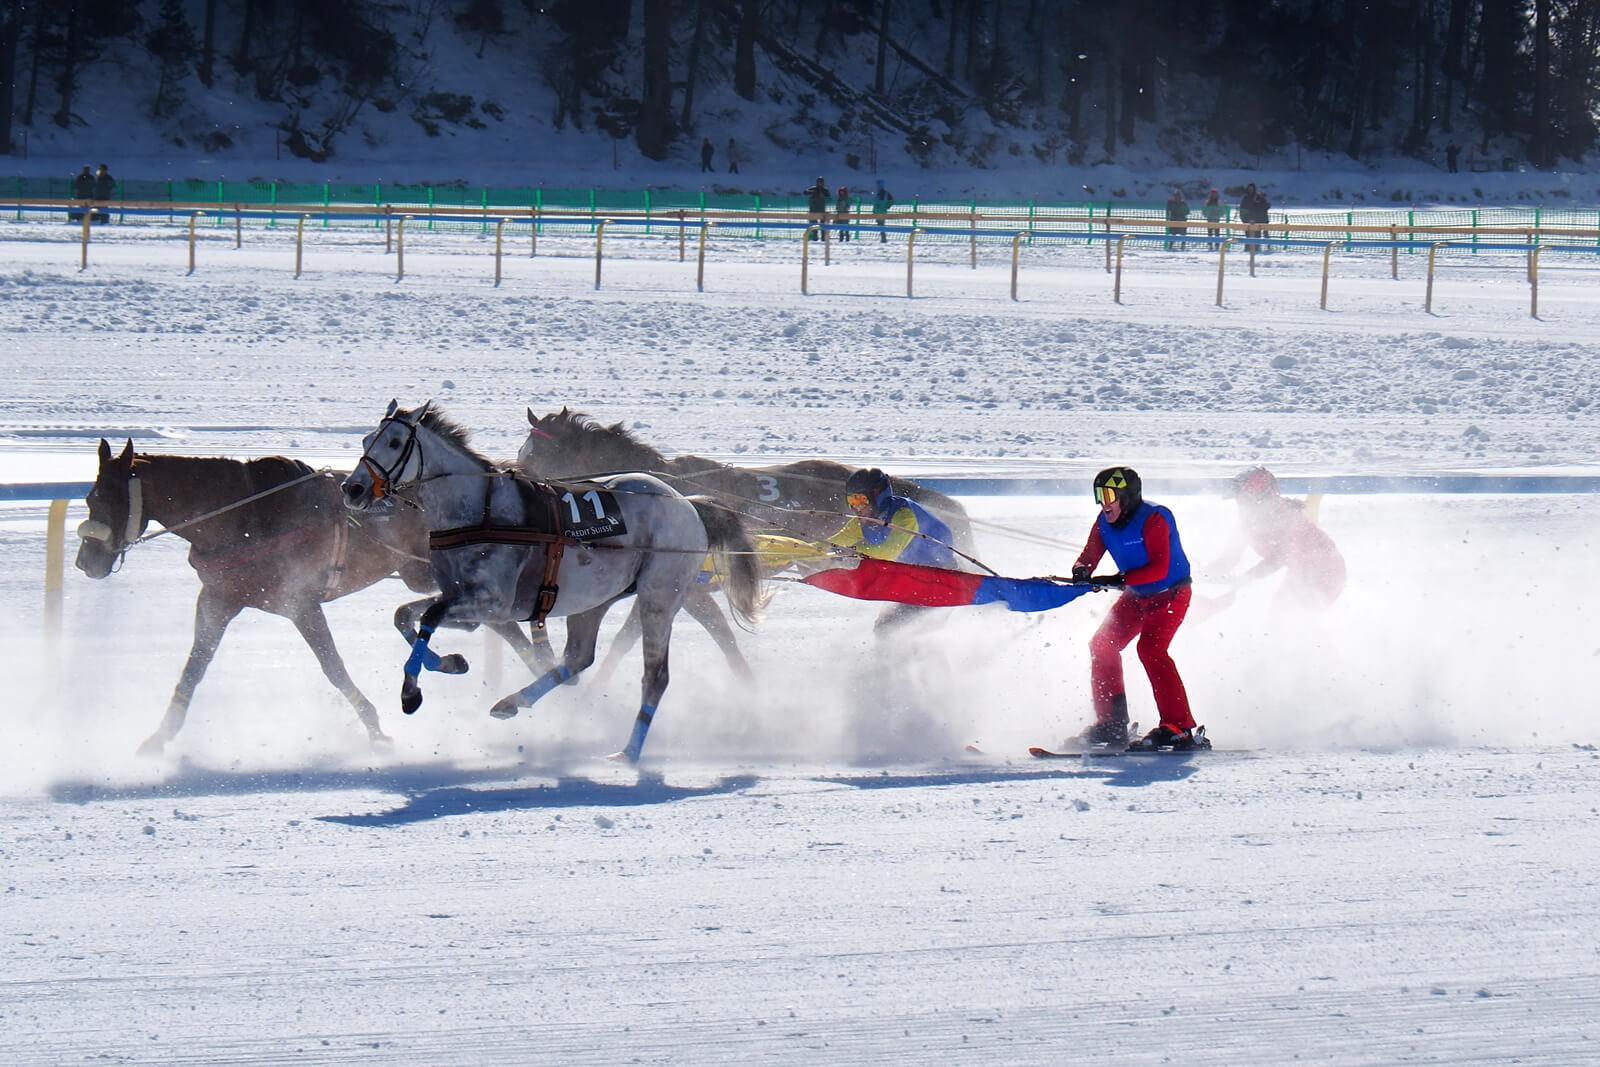 White Turf St. Moritz 2020 - Skijoring 9.2.20